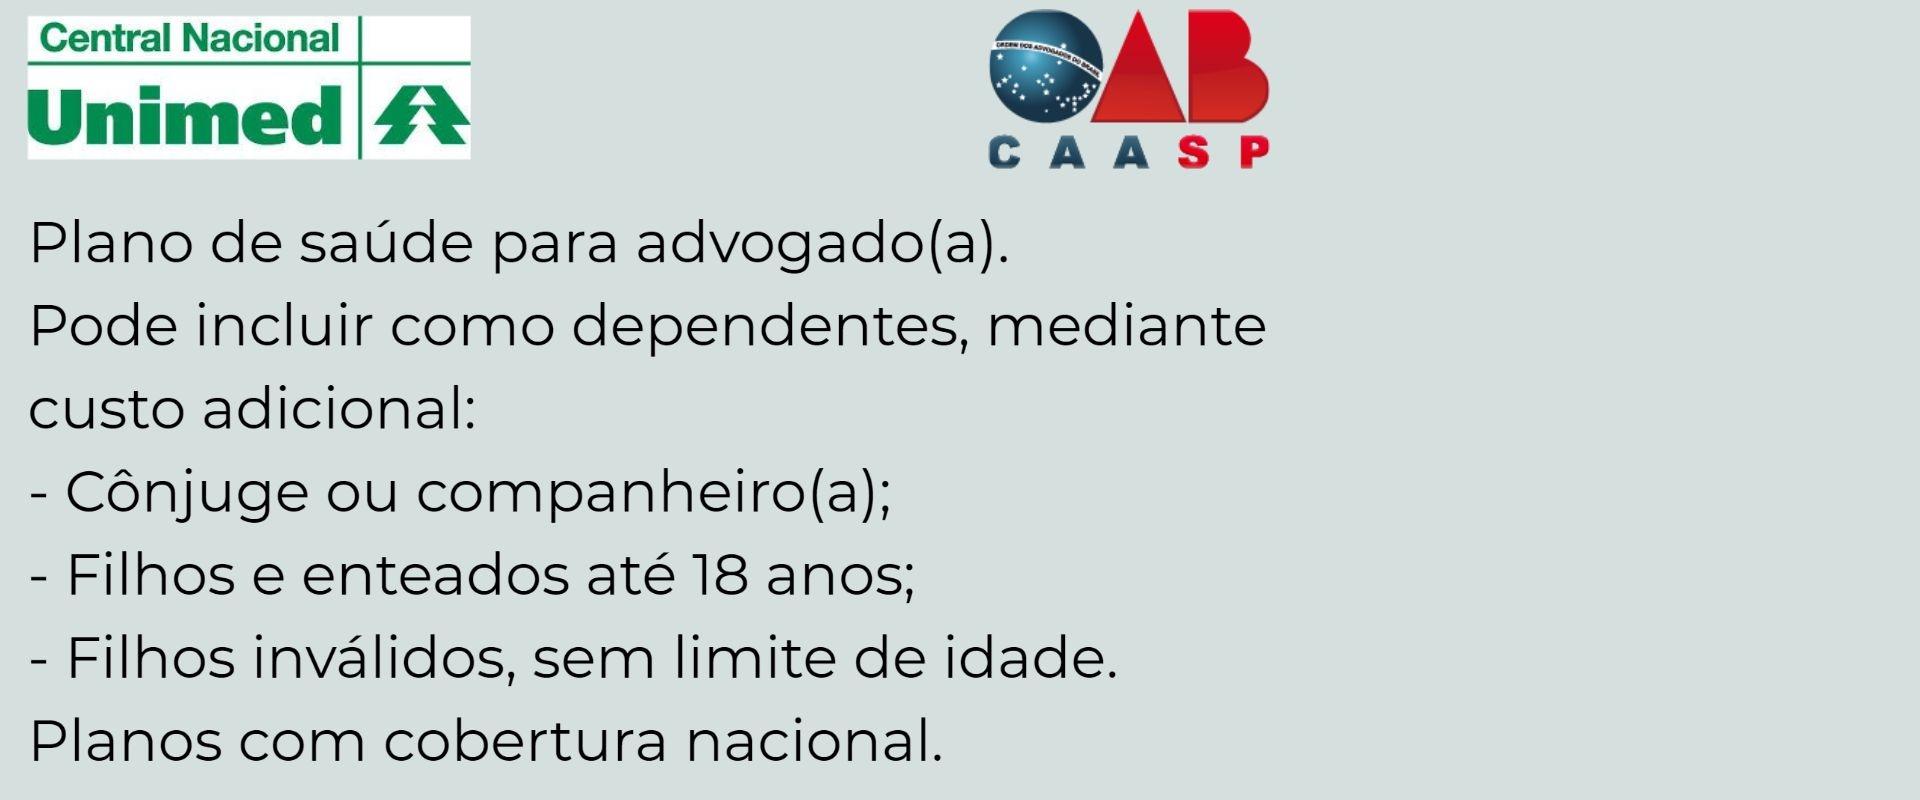 Unimed CAASP Rio Claro